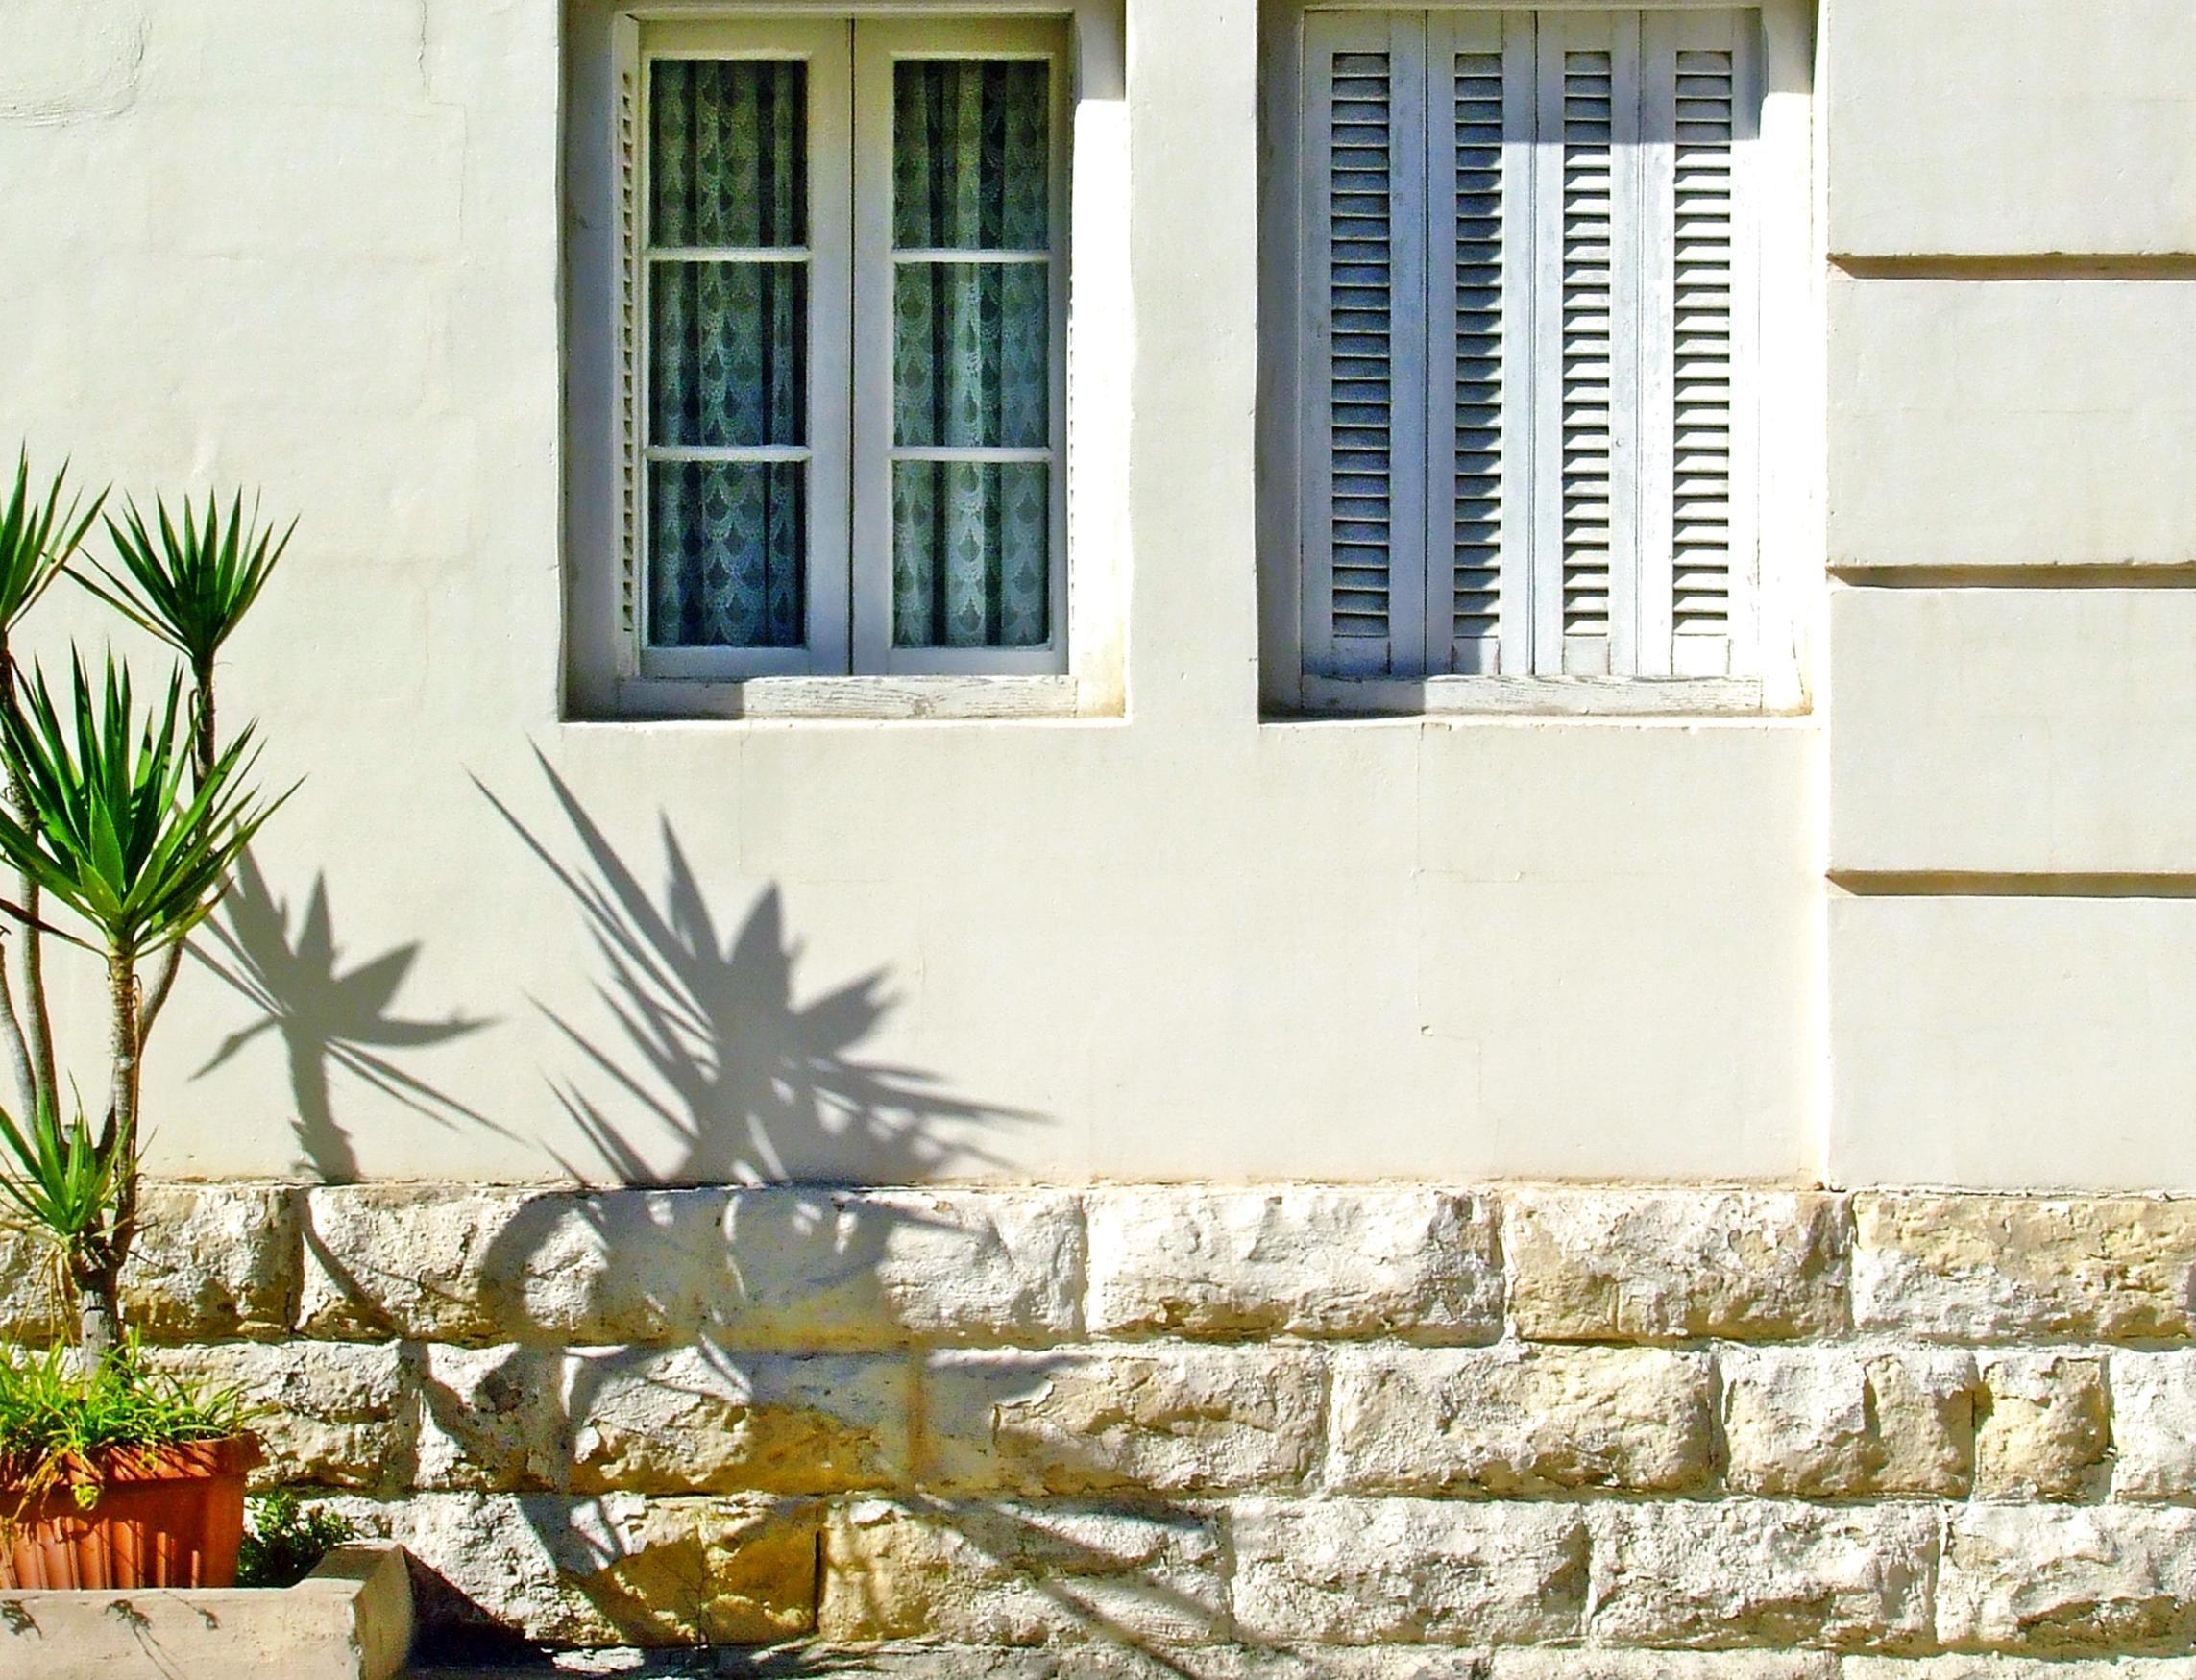 Image libre fen tre architecture maison ext rieur for Architecture fenetre